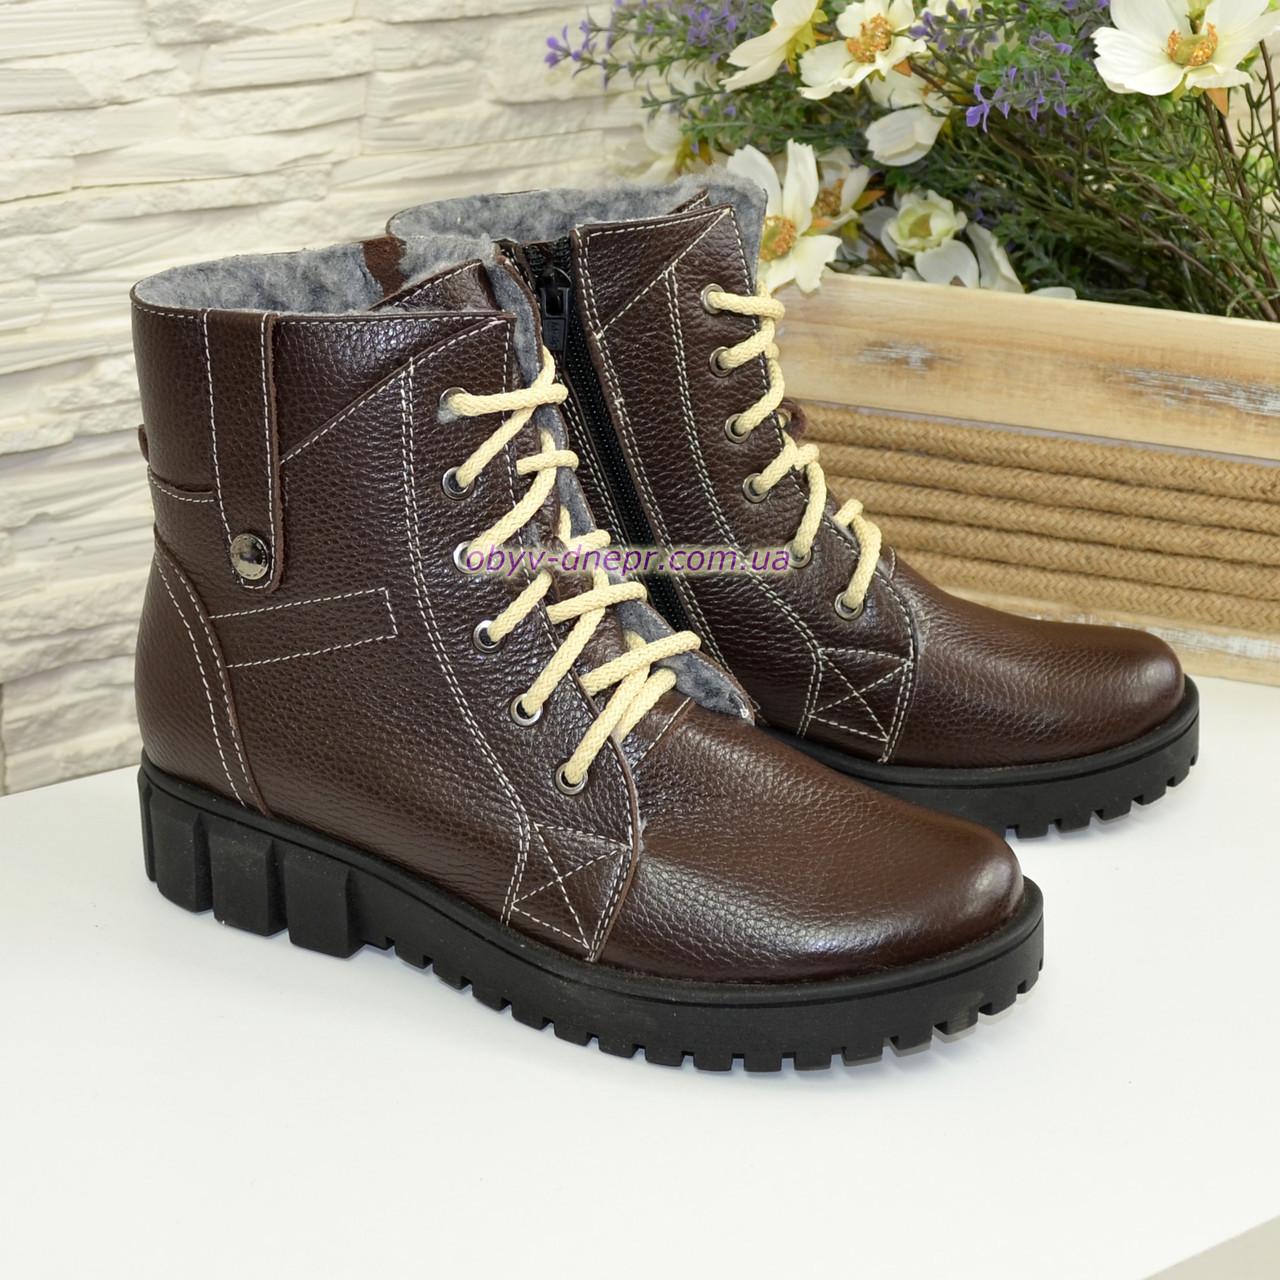 Жіночі демісезонні черевики на шнурівці, натуральна шкіра флотар коричневого кольору